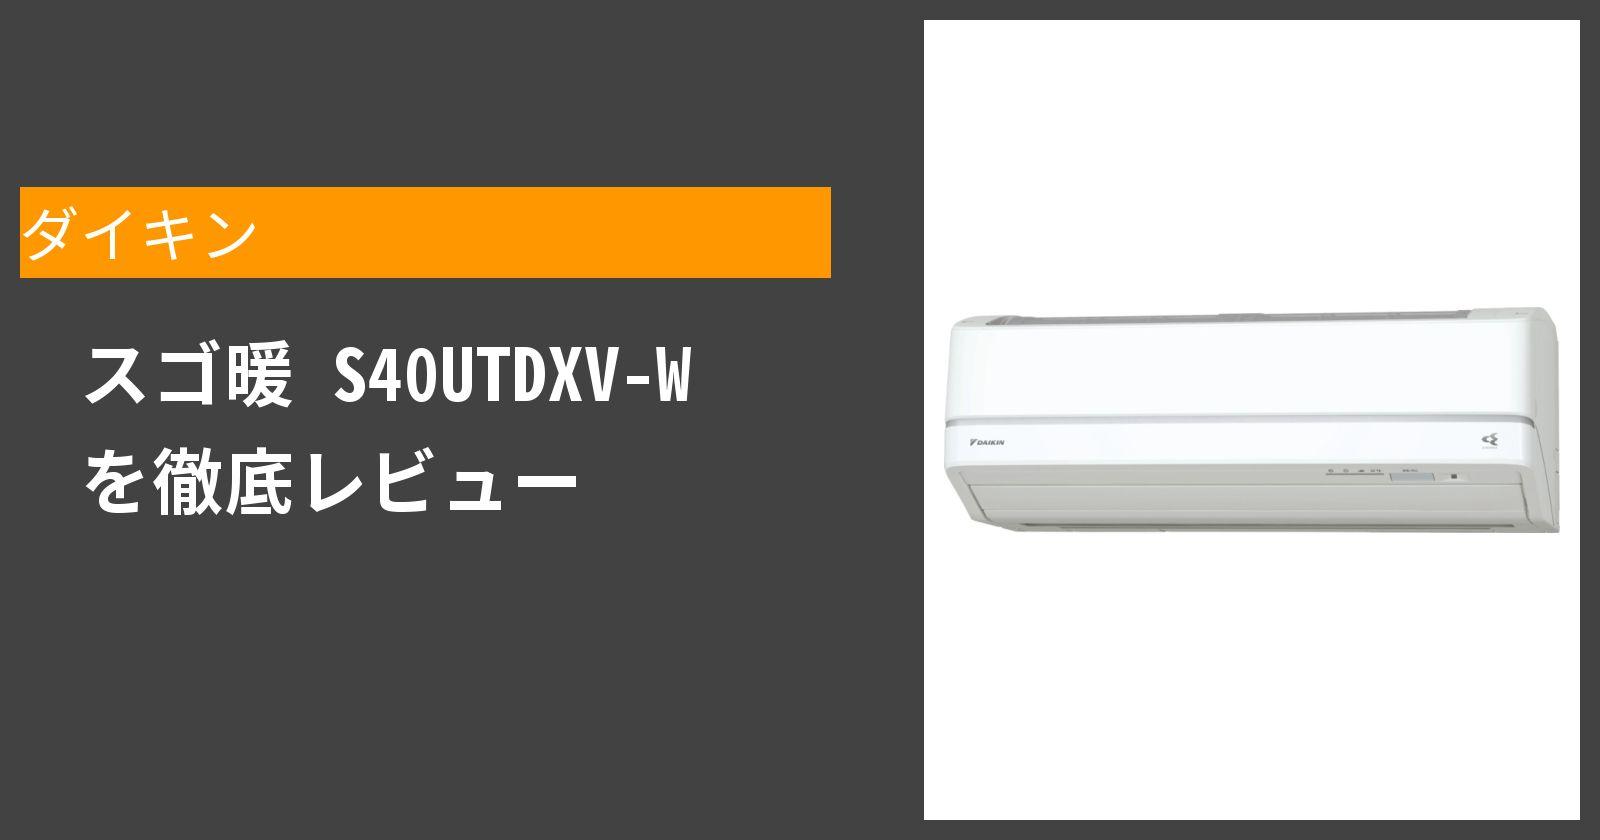 スゴ暖 S40UTDXV-Wを徹底評価